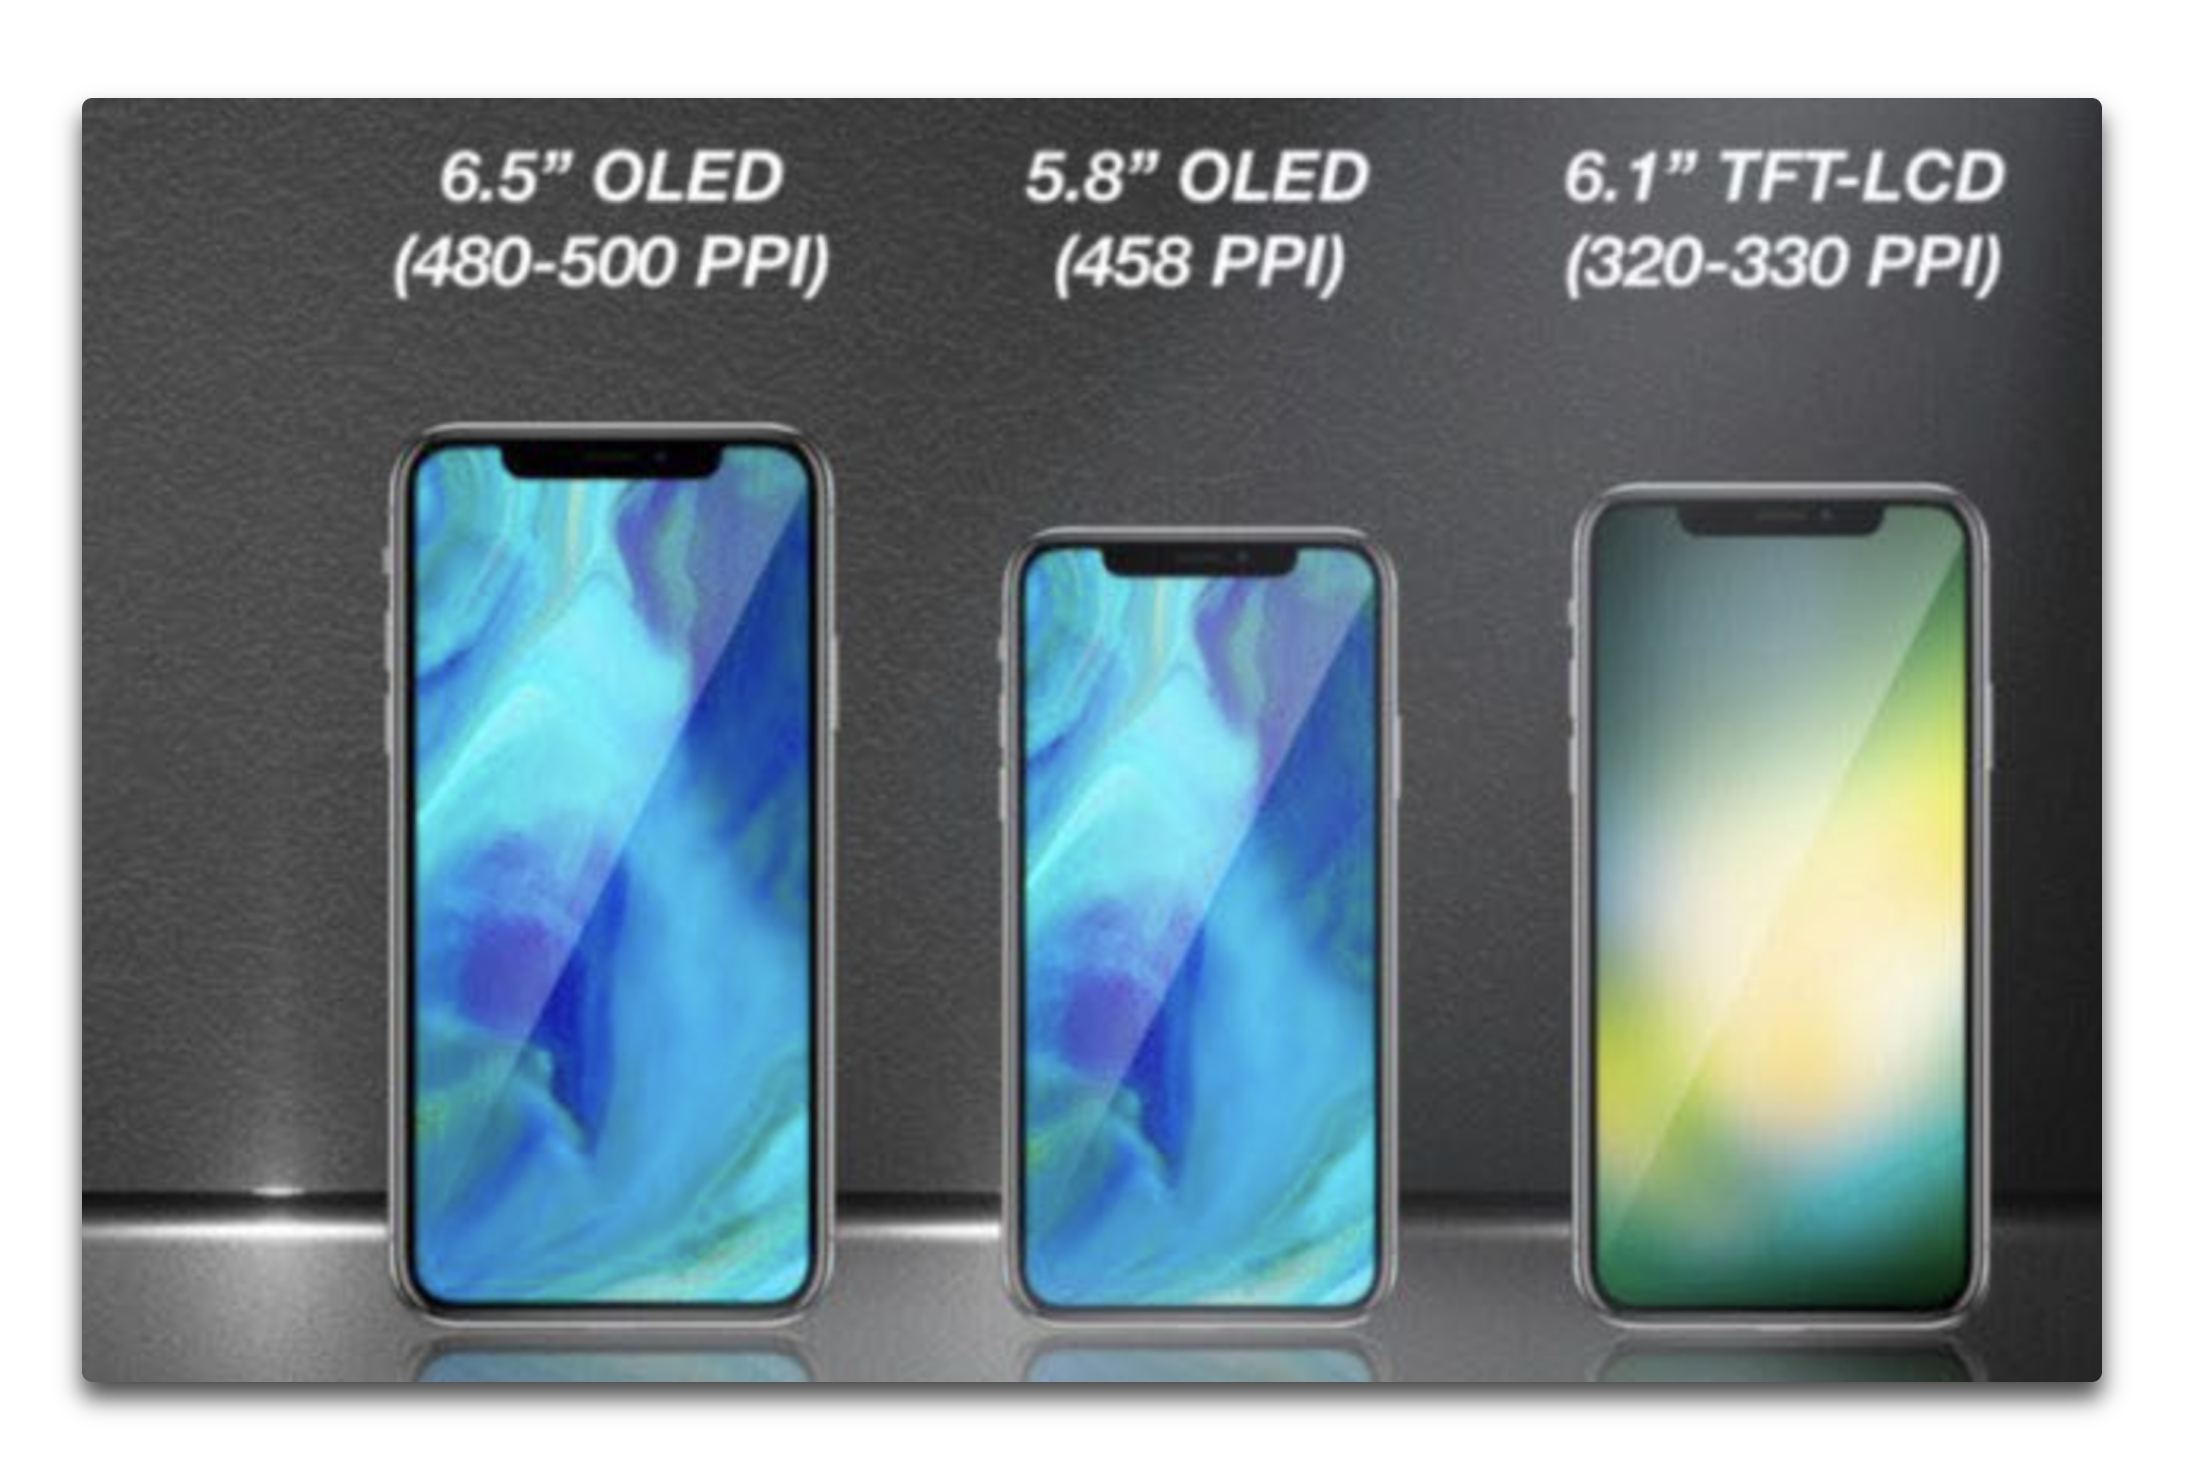 iPhoneユーザーのほぼ半数がすぐに新しいモデルにアップグレードする予定